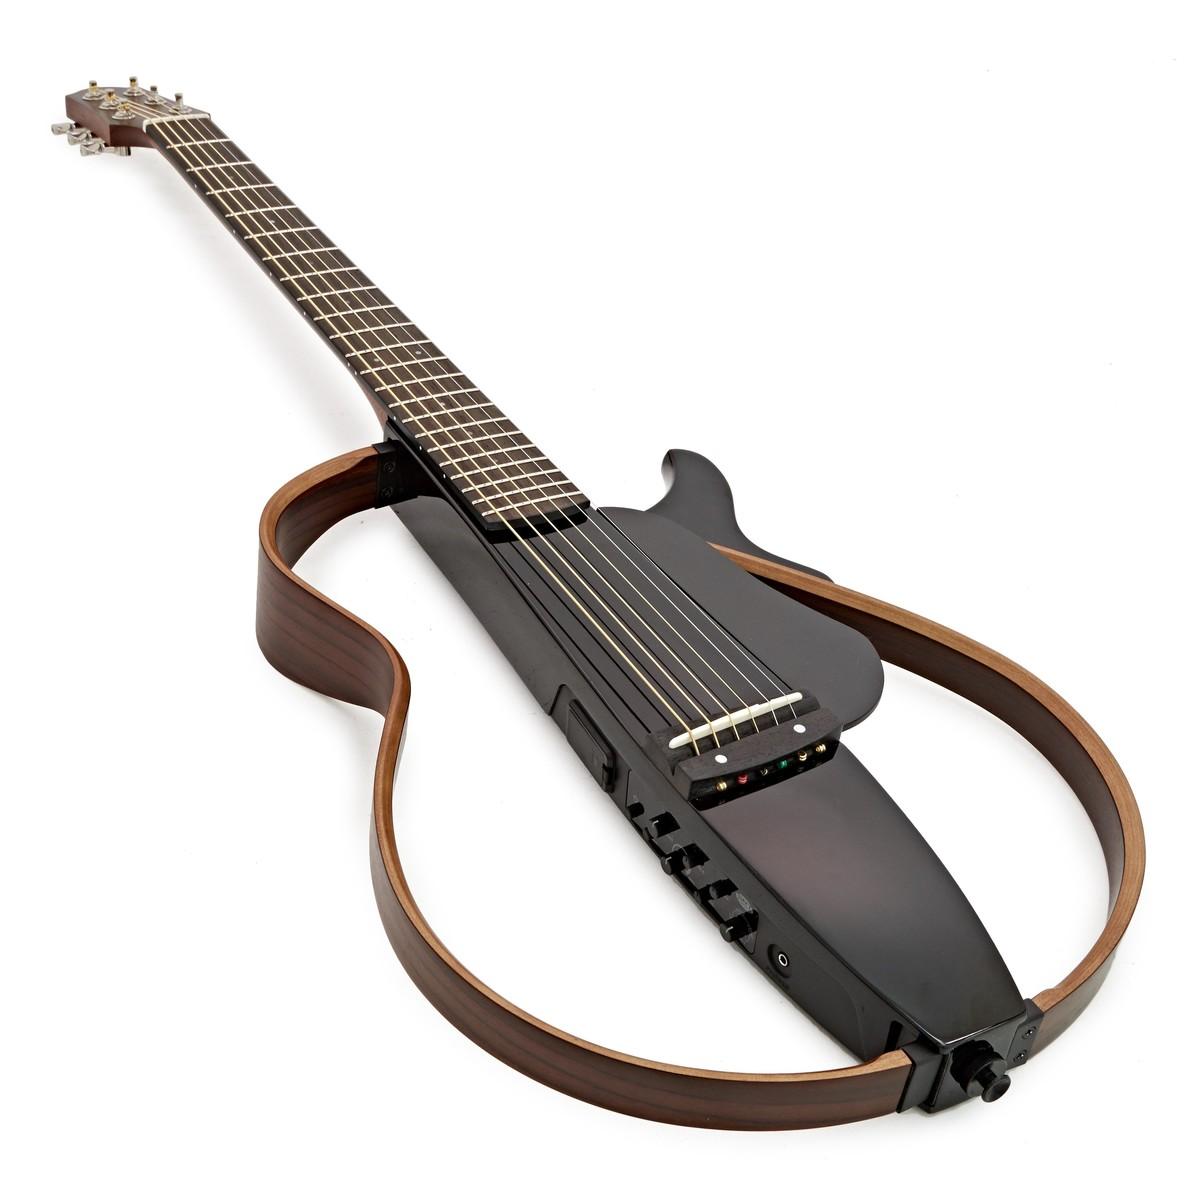 yamaha slg200s steel string silent guitar translucent. Black Bedroom Furniture Sets. Home Design Ideas